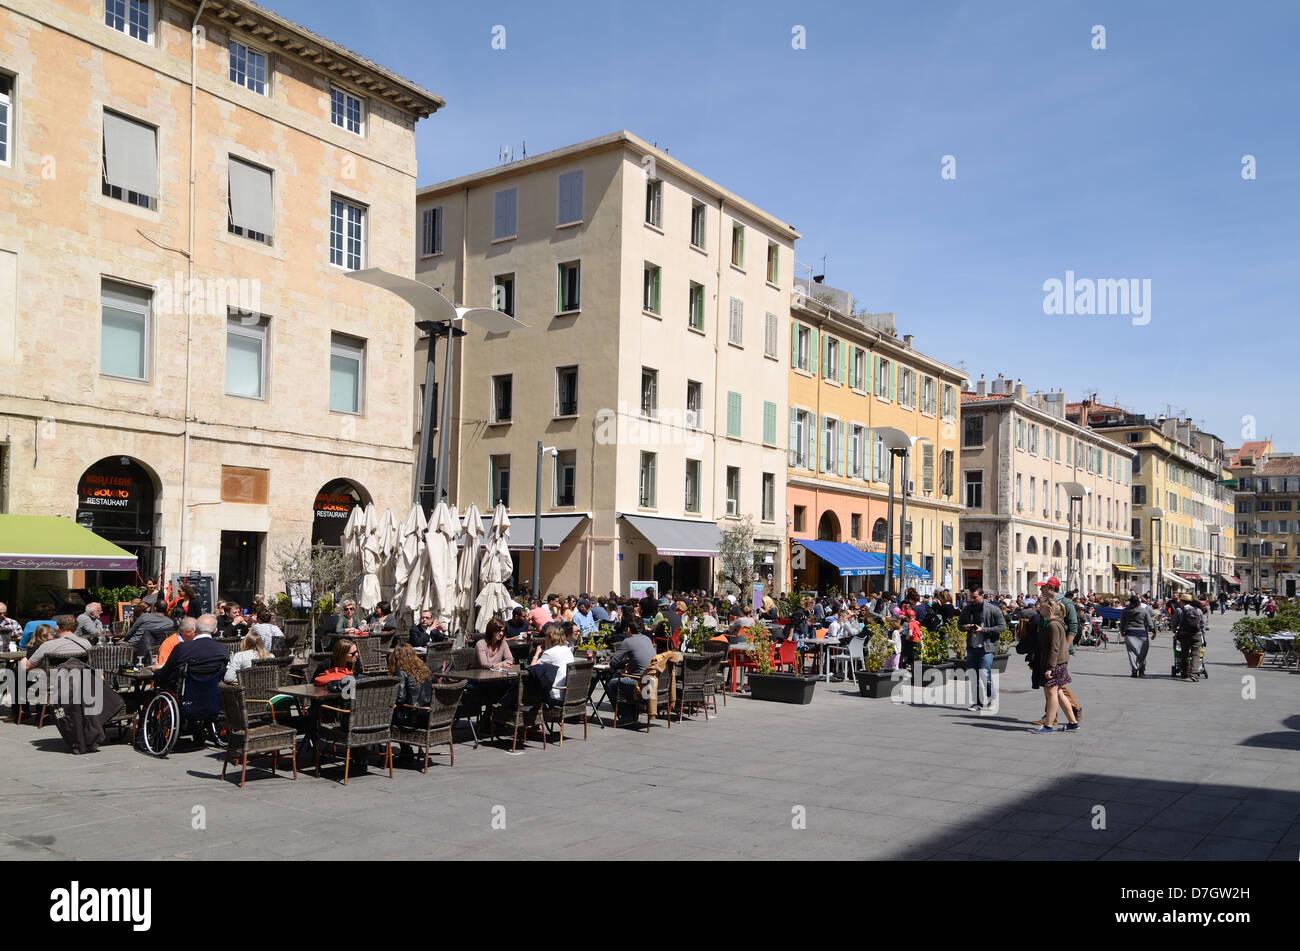 Town Square ou place publique et de terrasses de restaurants, Cours d'Estienne d'Orves Marseille France Photo Stock